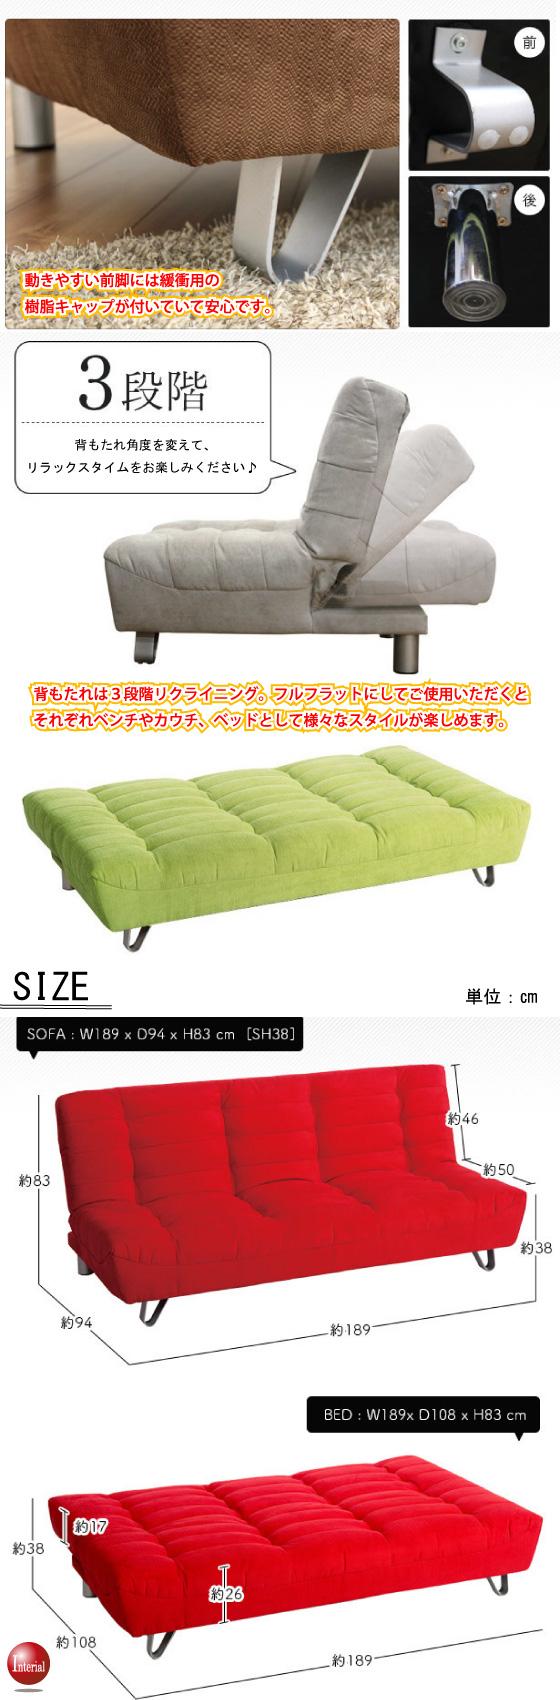 選べる8色!ファブリック製・ソファーベッド(幅189cm)